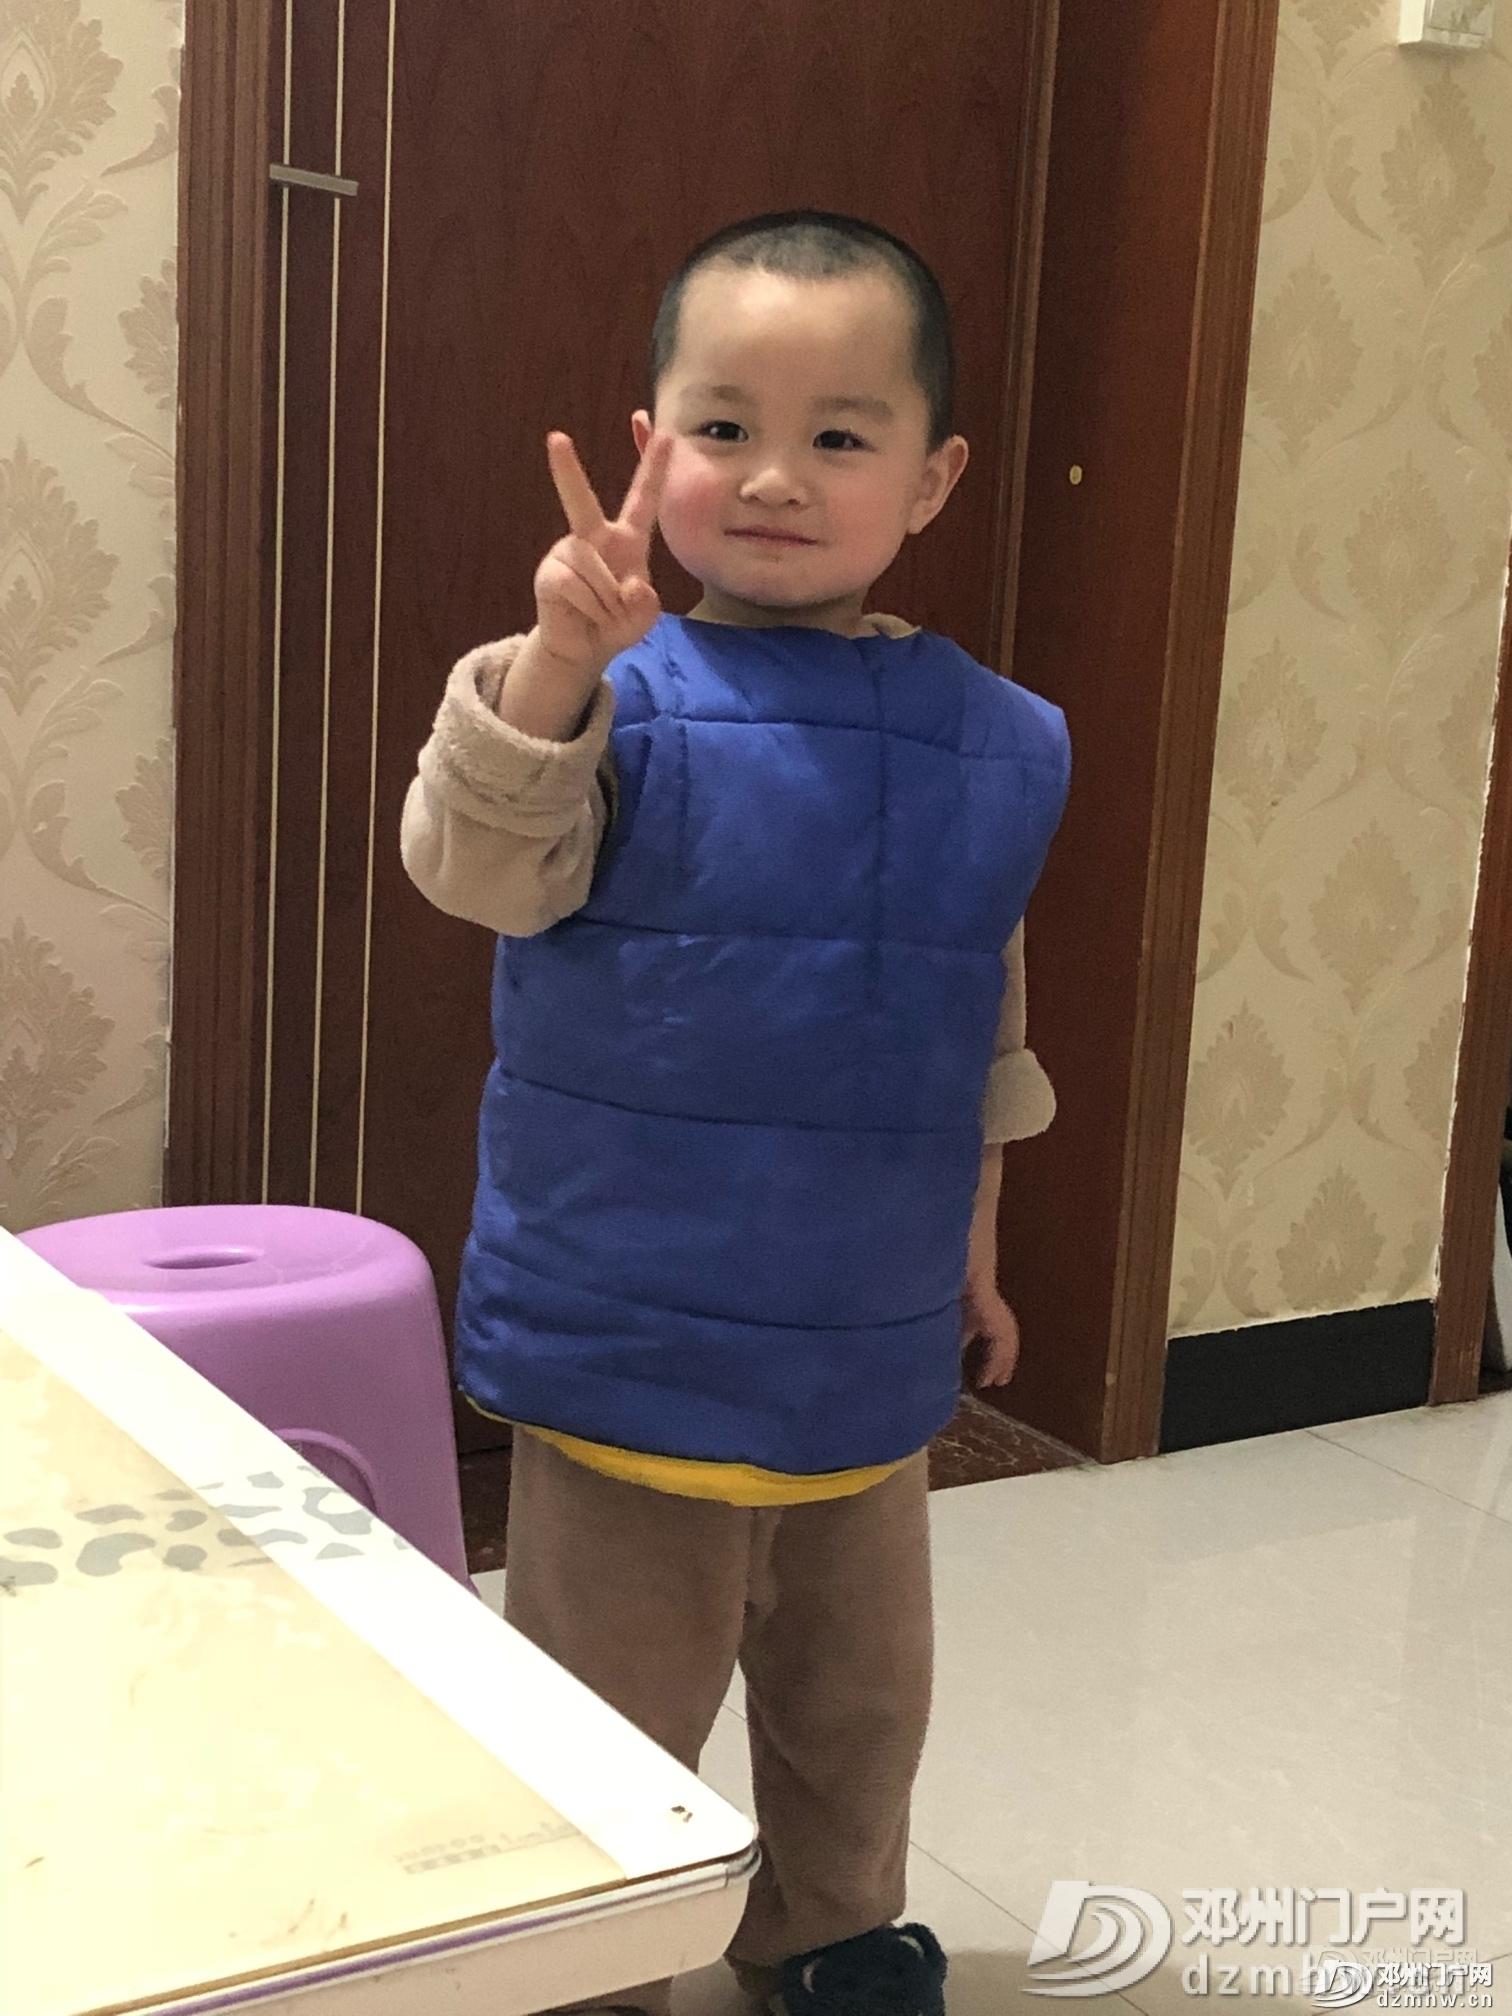 我家小宝贝{:可爱:} - 邓州门户网 邓州网 - 20